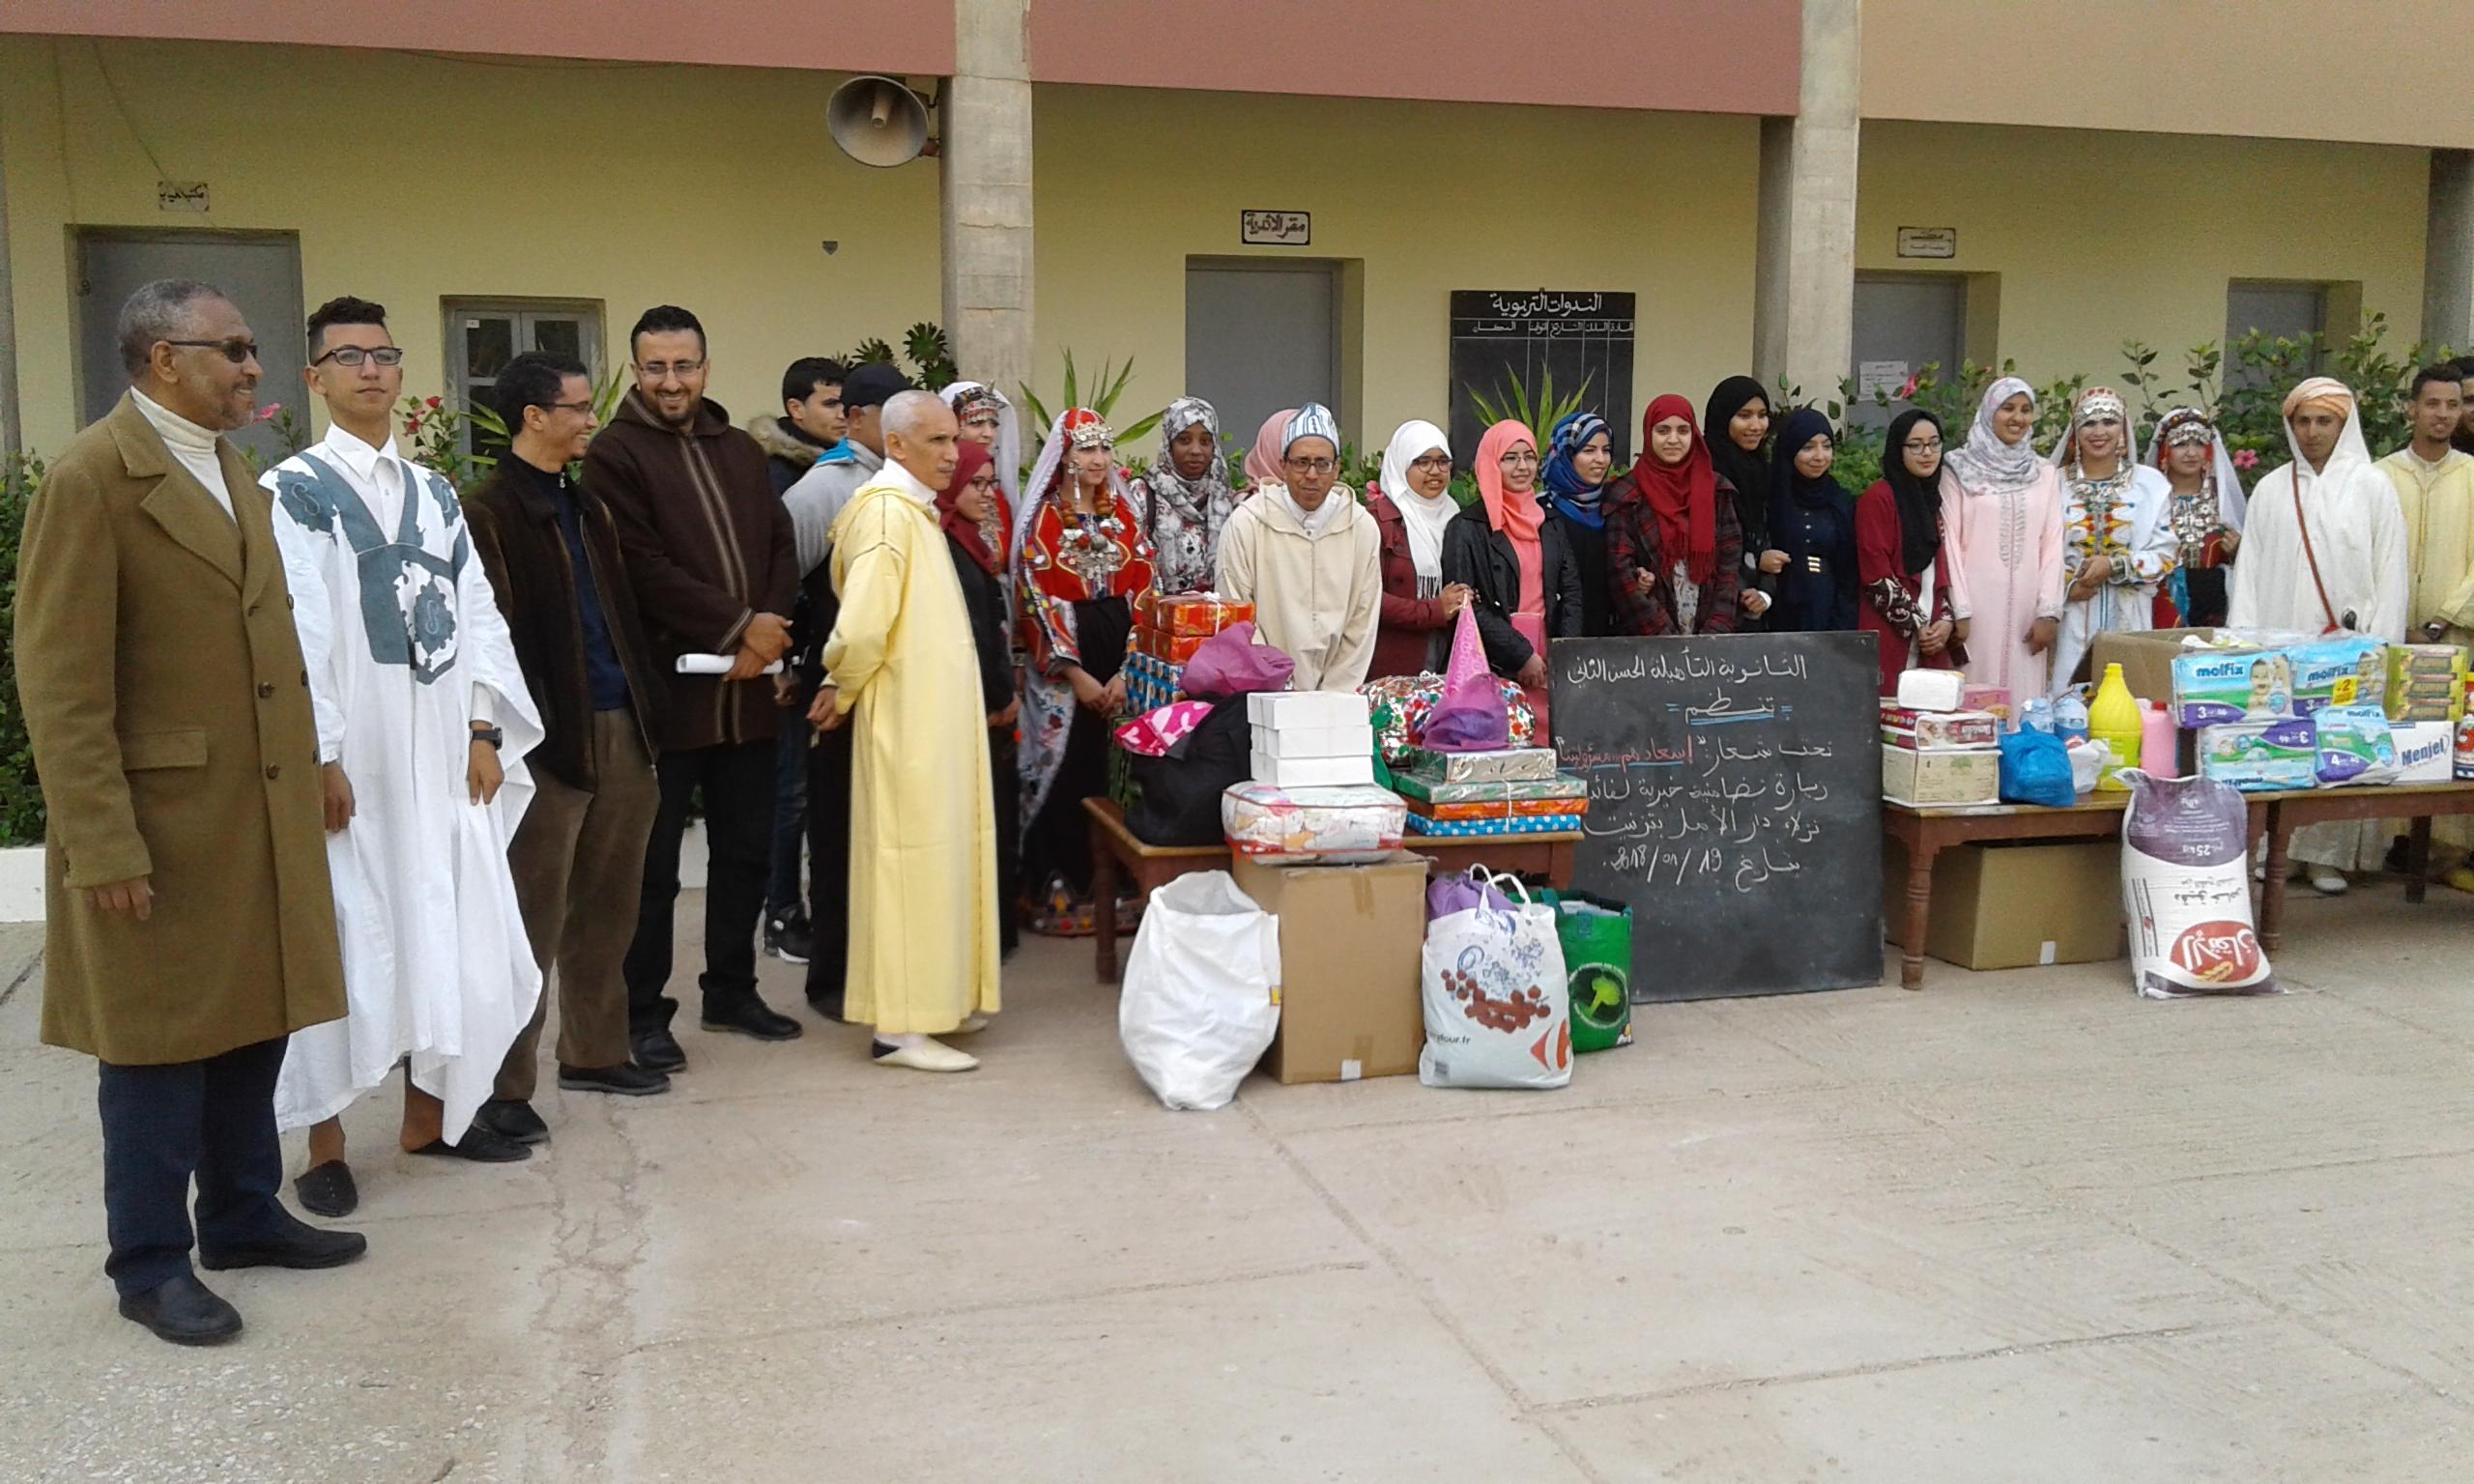 زيارة تضامنية وخيرية لاطر وتلامذة ثانوية الحسن الثاني لنزلاء دار الامل للأطفال المتخلى عنهم بمدينة تيزنيت .